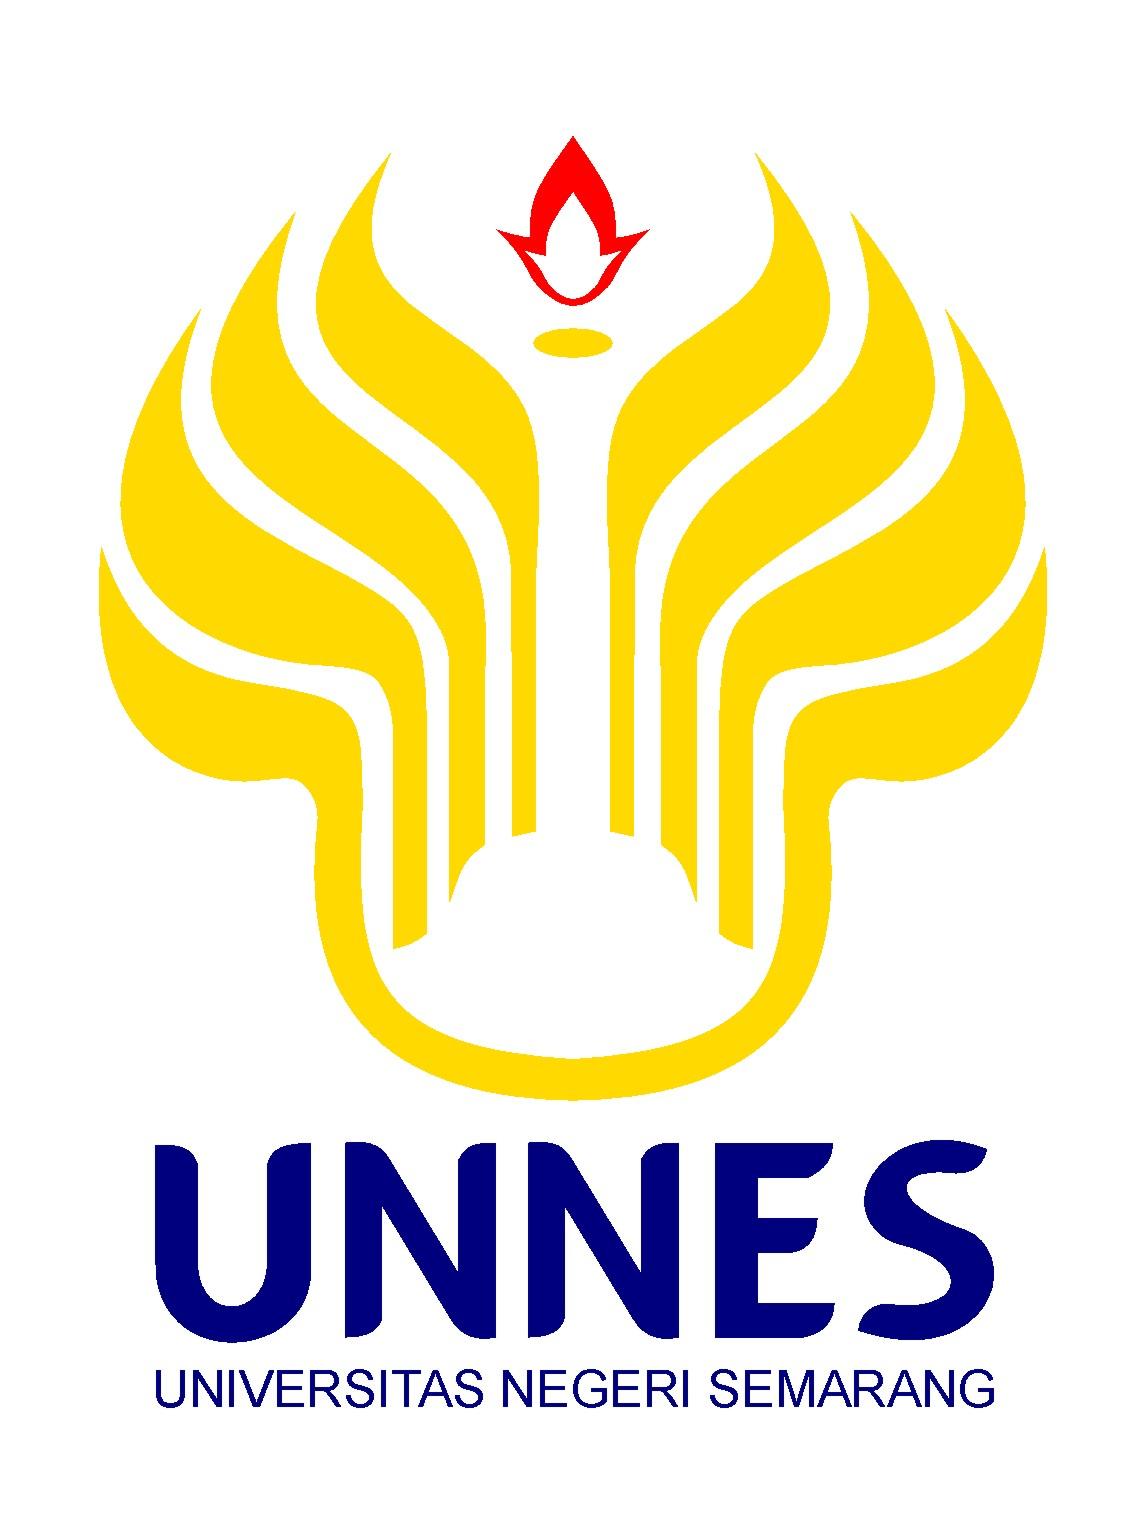 Universitas Negeri Semarang - Wikipedia bahasa Indonesia, ensiklopedia bebas